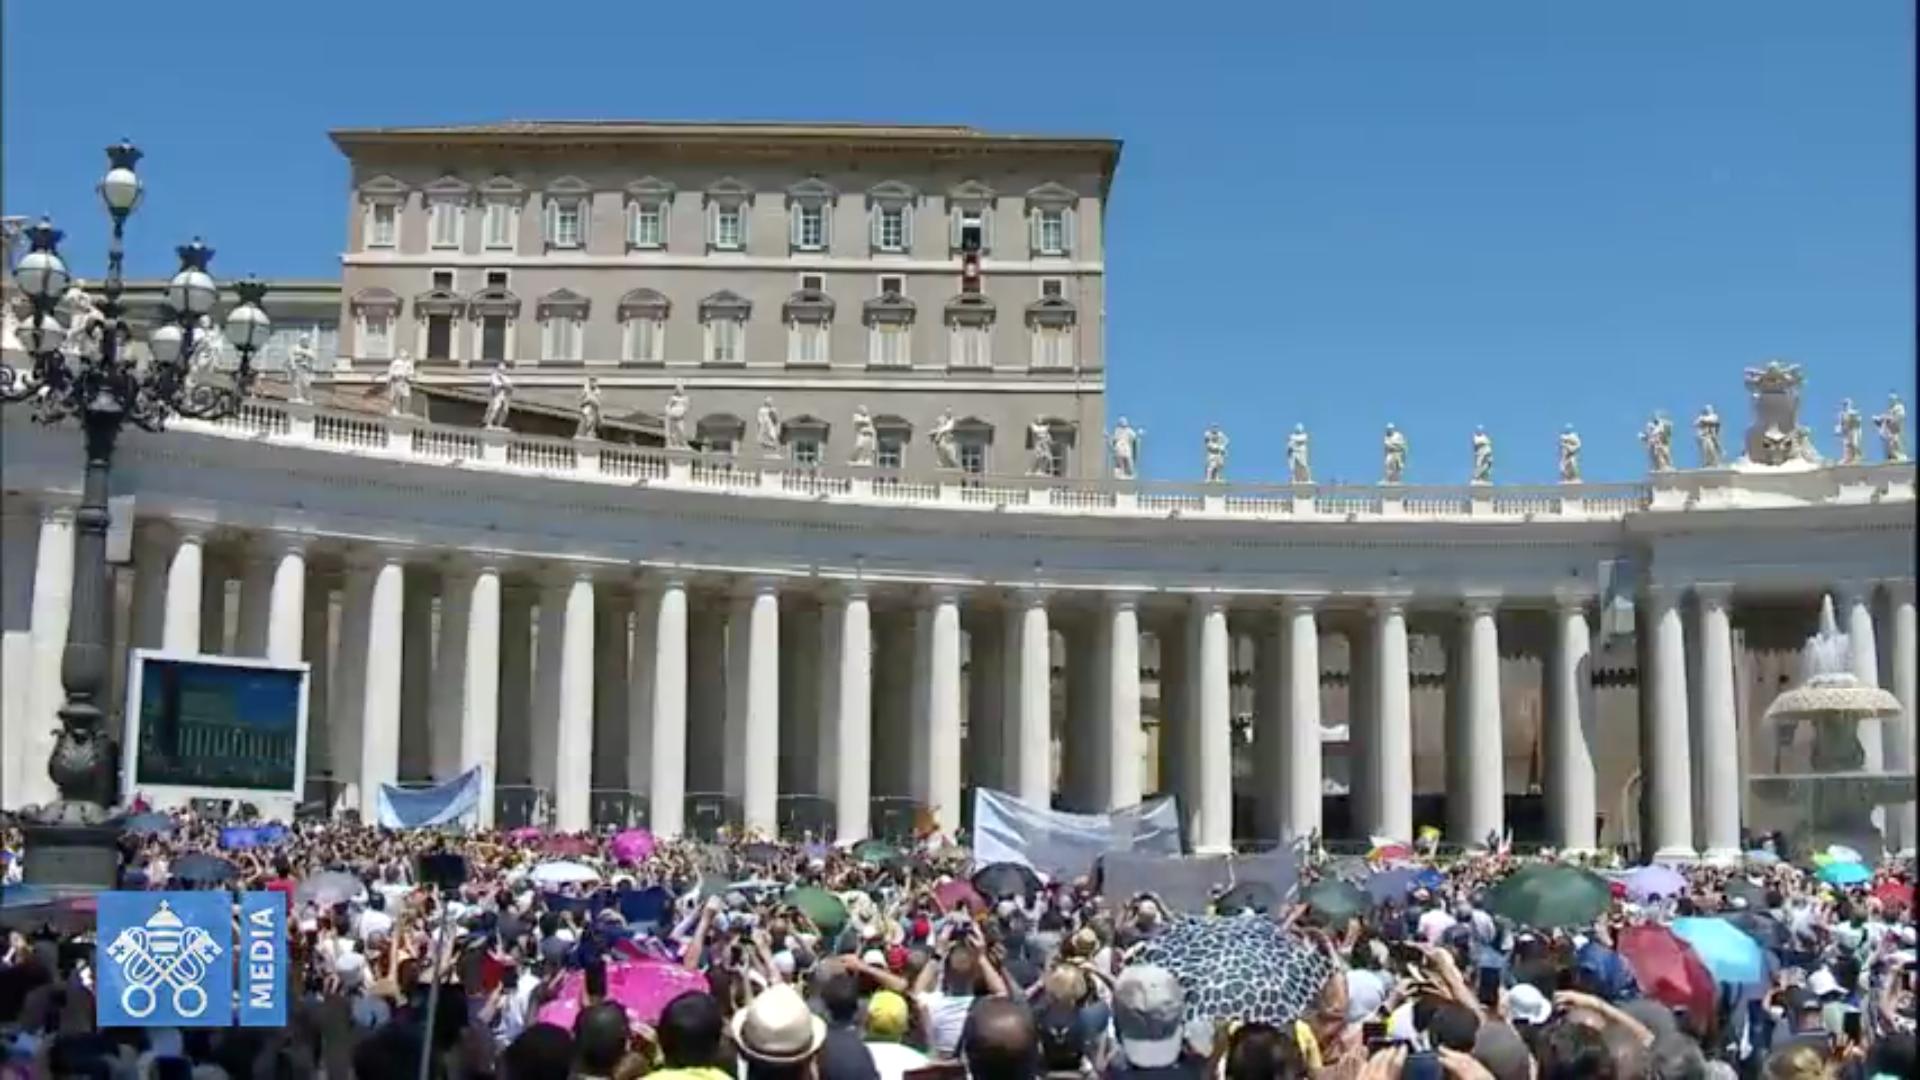 Angélus 10/6/2018 capture @ Vatican Media